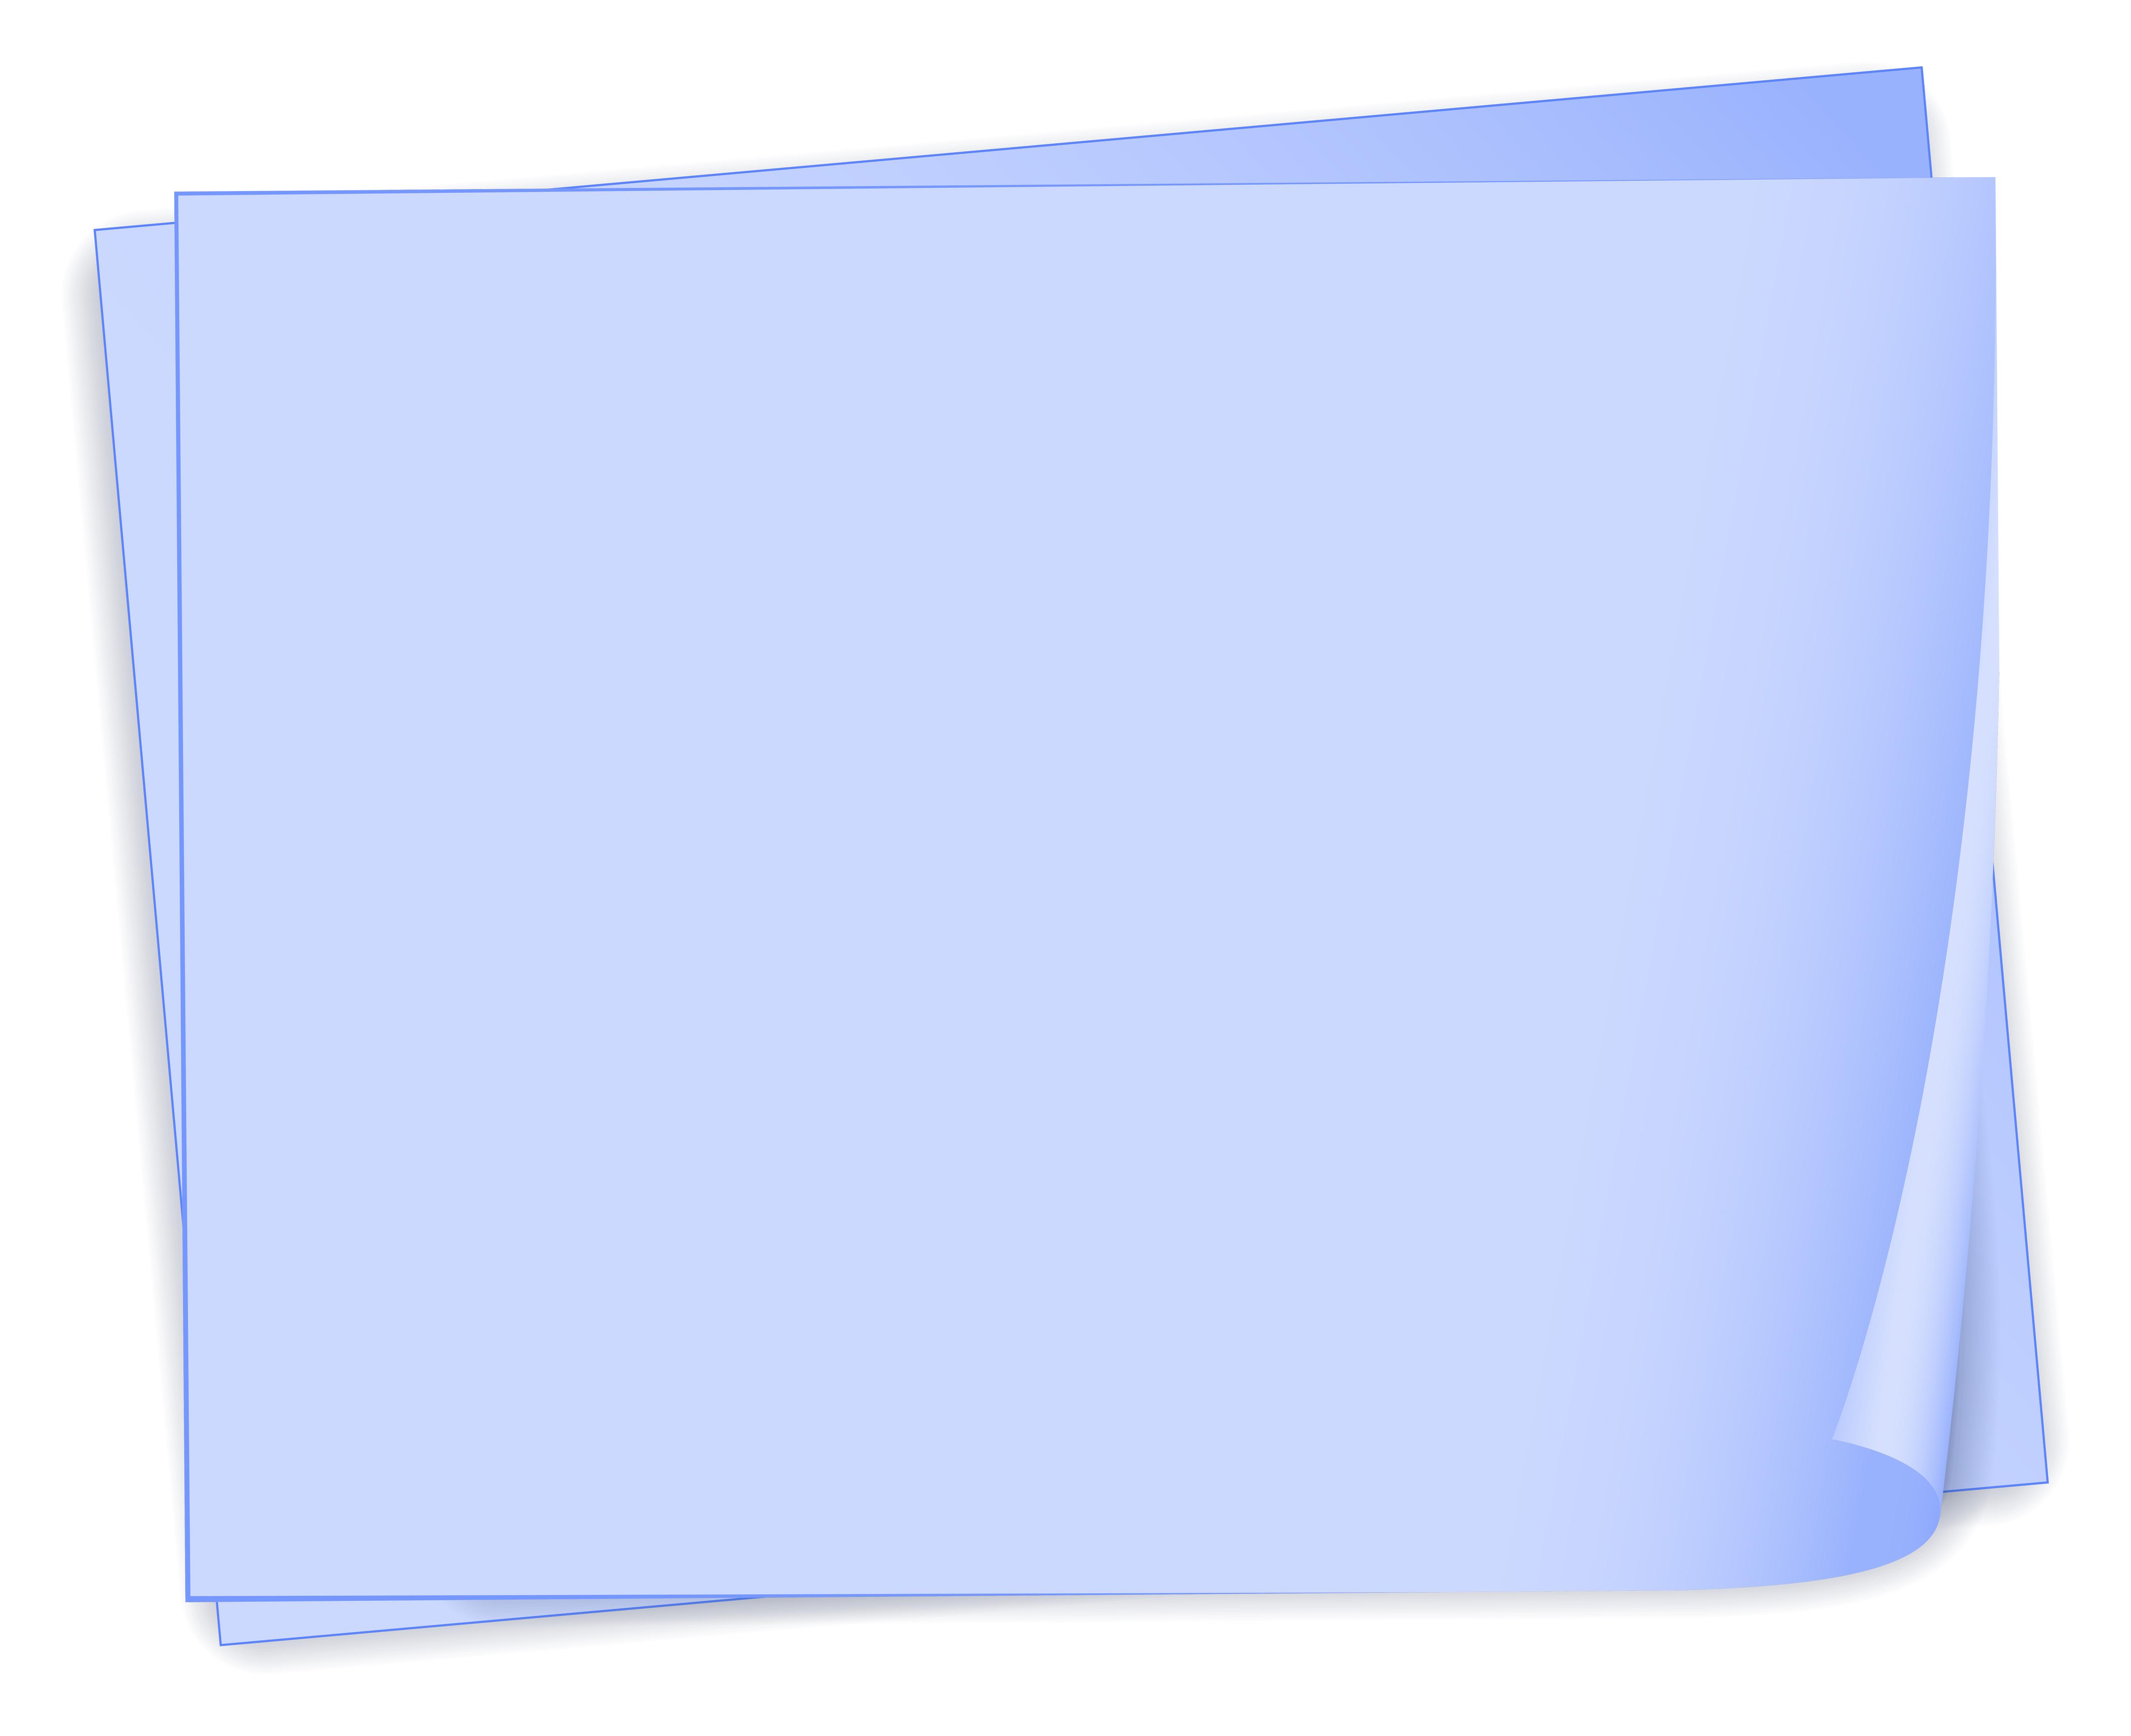 Empty Bondpaper Template Download Free Vector Art Stock